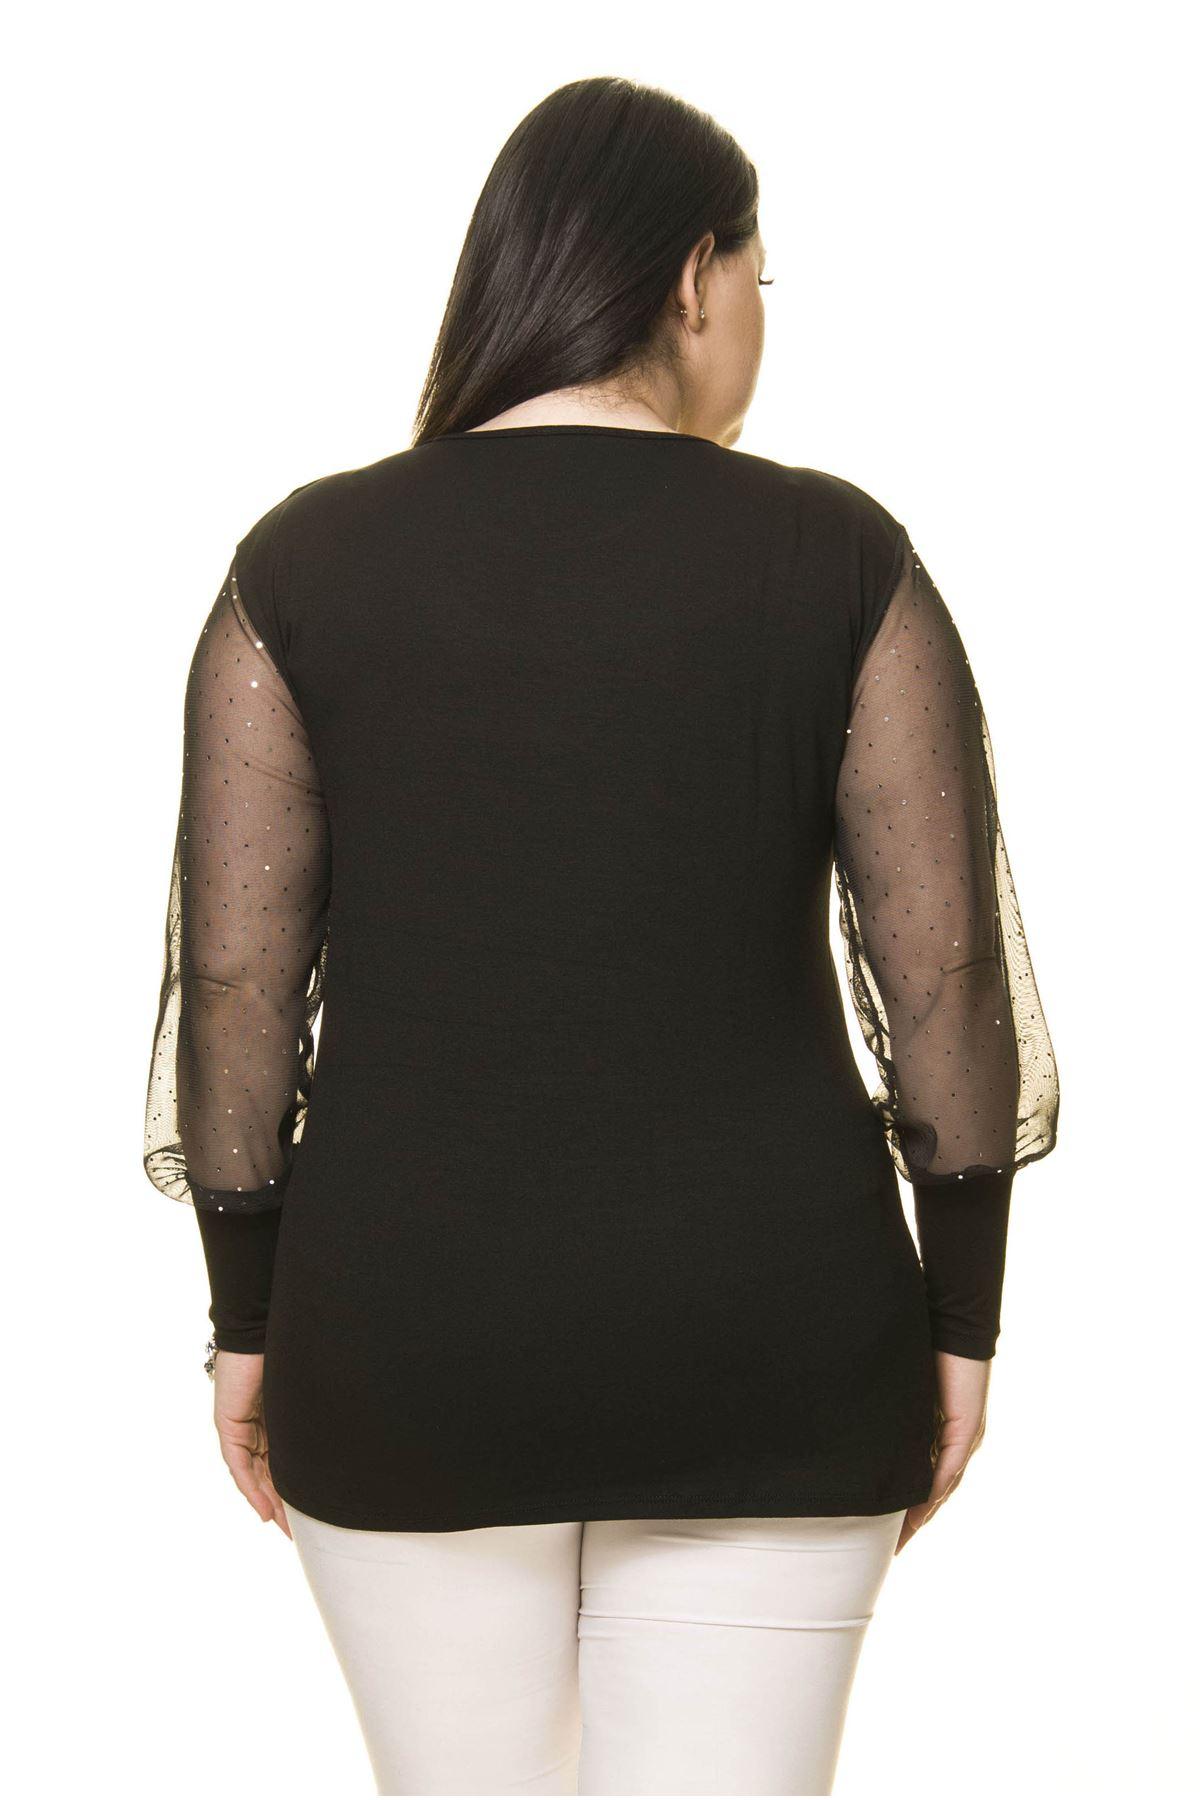 Parlak Puan Kol Büyük Beden Bluz 14B-1649